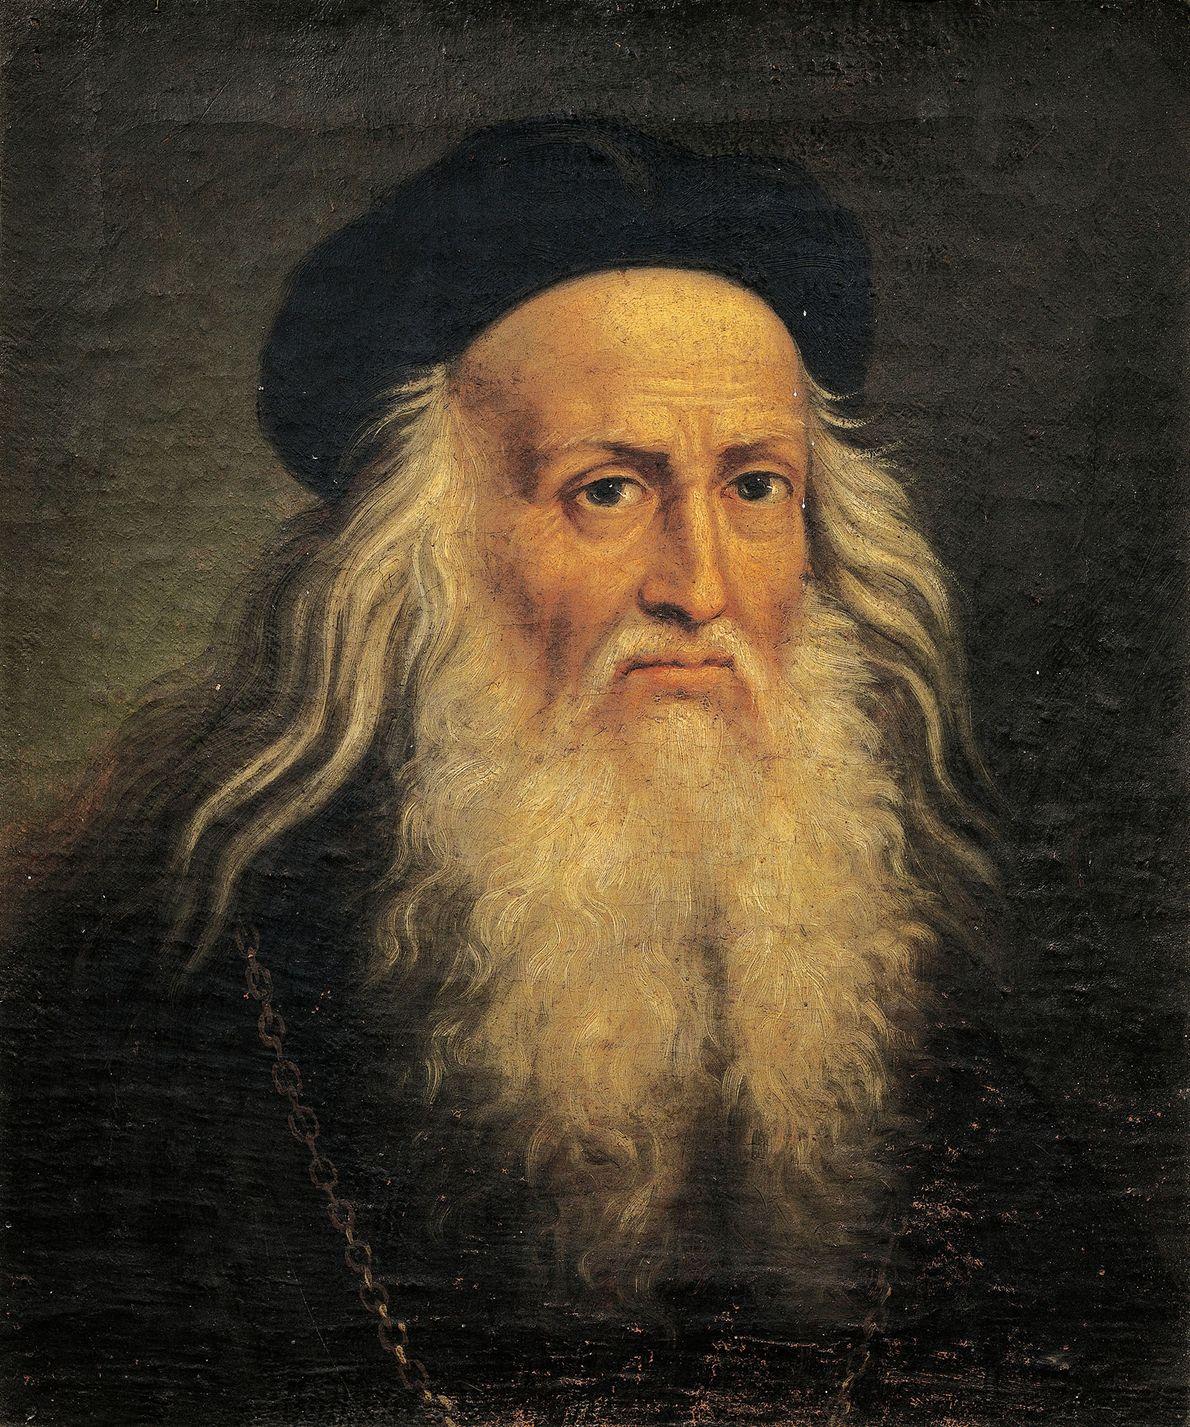 Leonardo da Vinci, entre otras actividades que realizó, fue pintor, arquitecto, ingeniero y productor teatral.